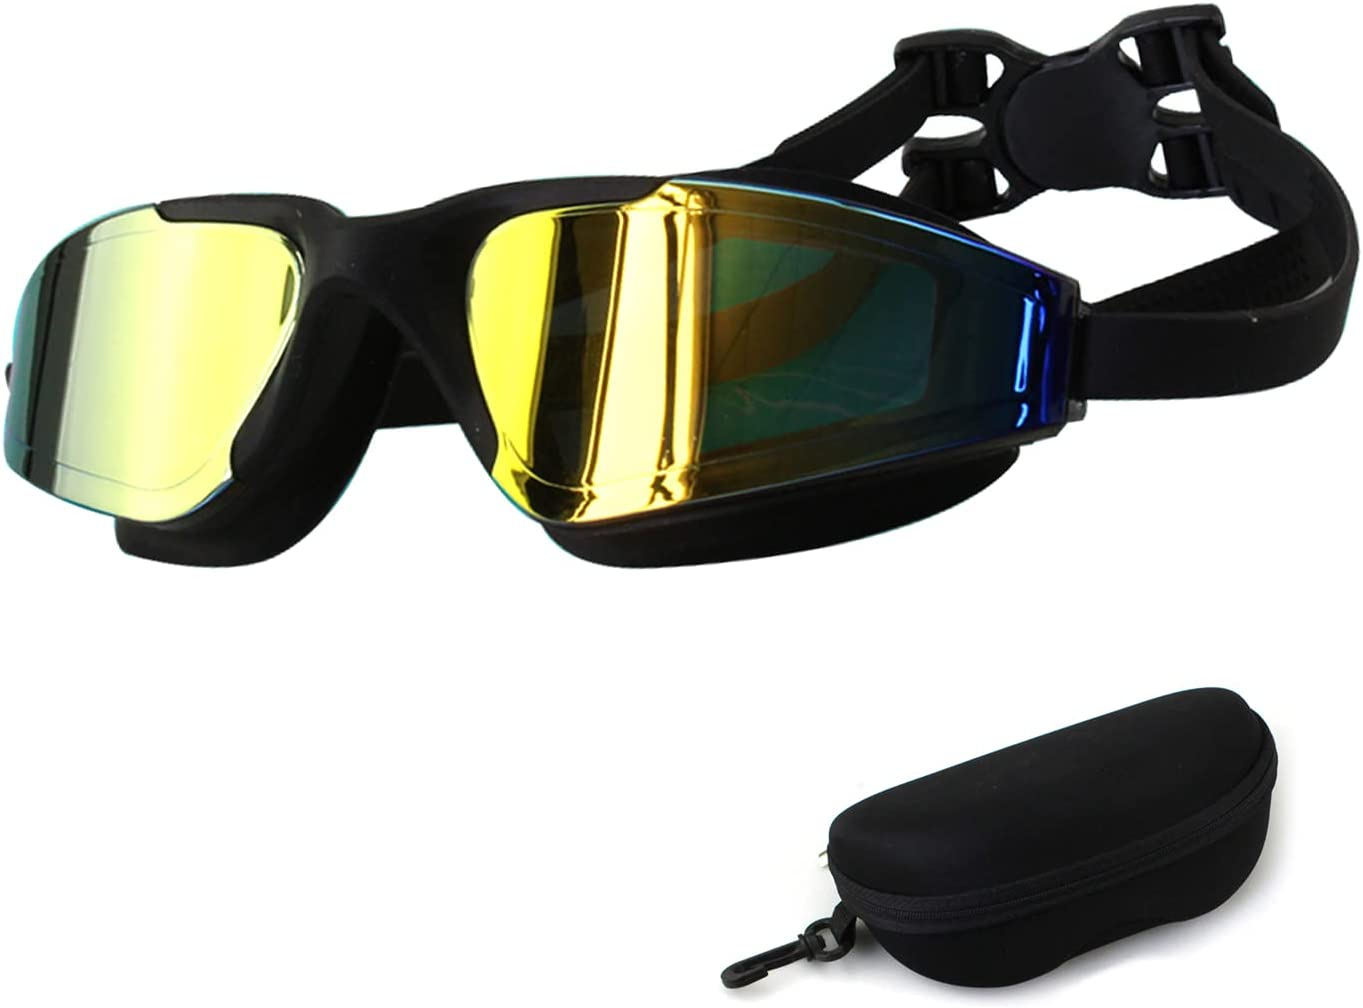 JINPXI Gafas de Natación Antivaho a Prueba de Fugas, Protección UV, Gafas de Natación de Visión Amplia con Diadema Ajustable para Hombres Adultos, Mujeres, Niños